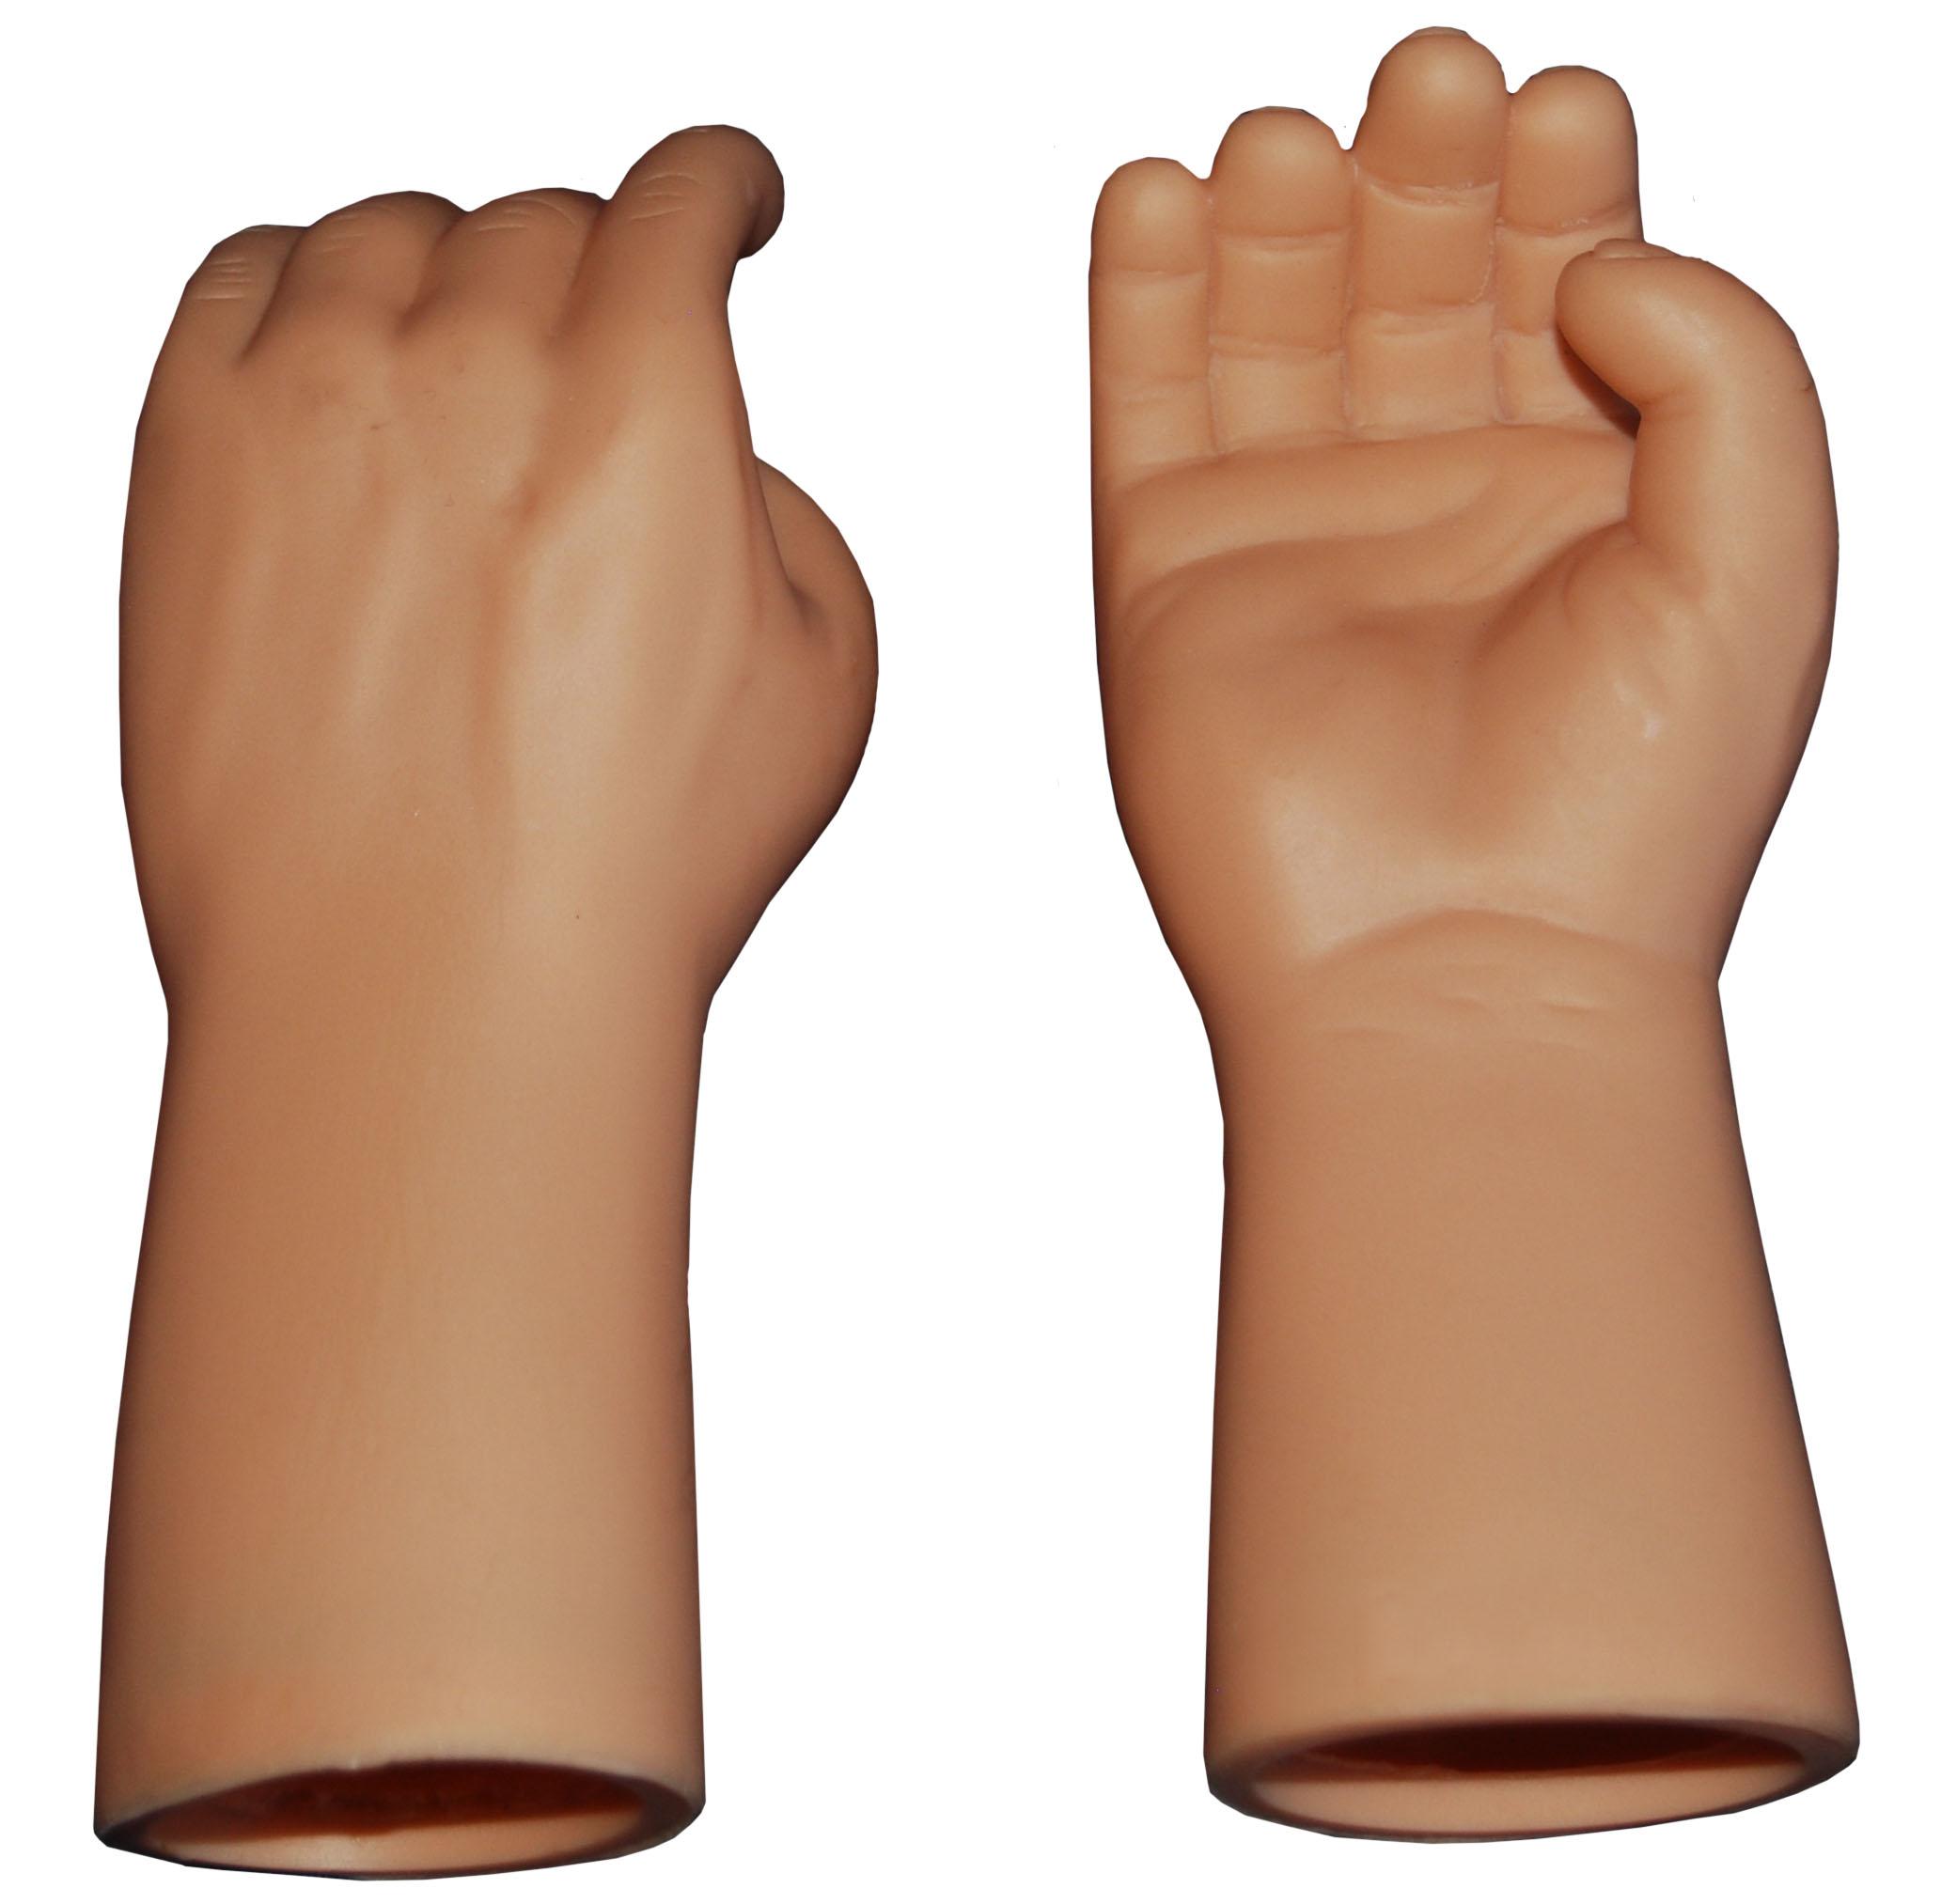 hands2t-2.jpg